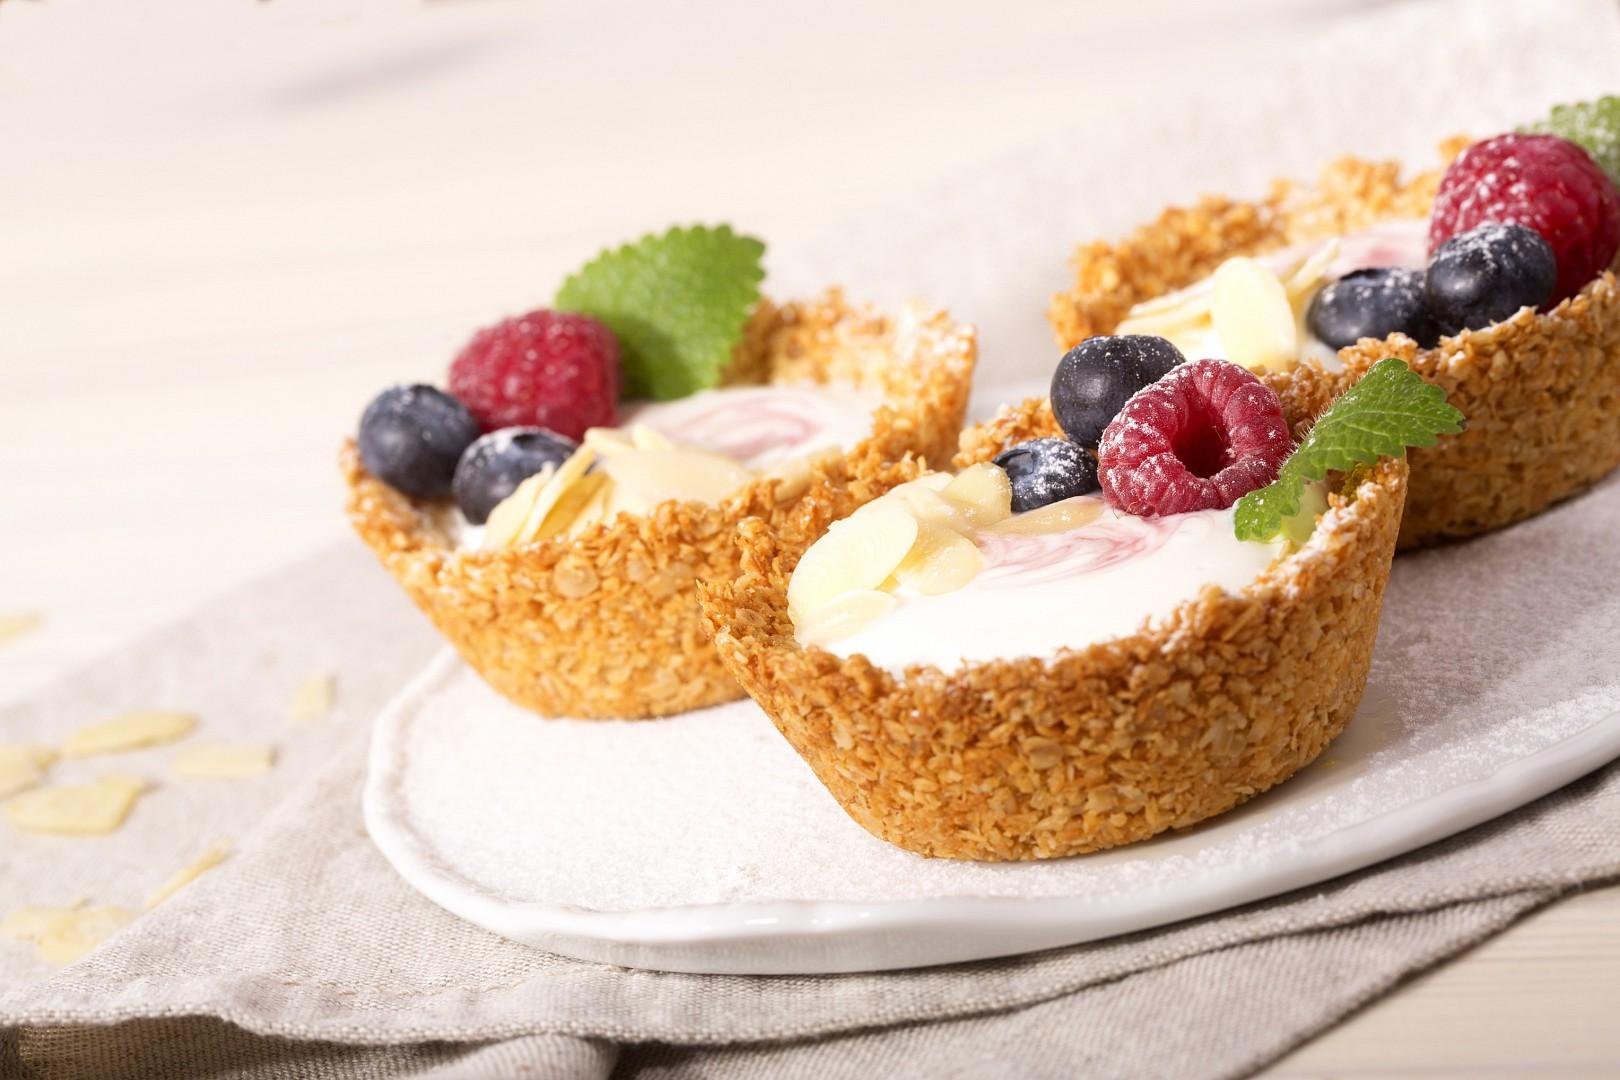 Košíčky s ovocem plněné jogurtem